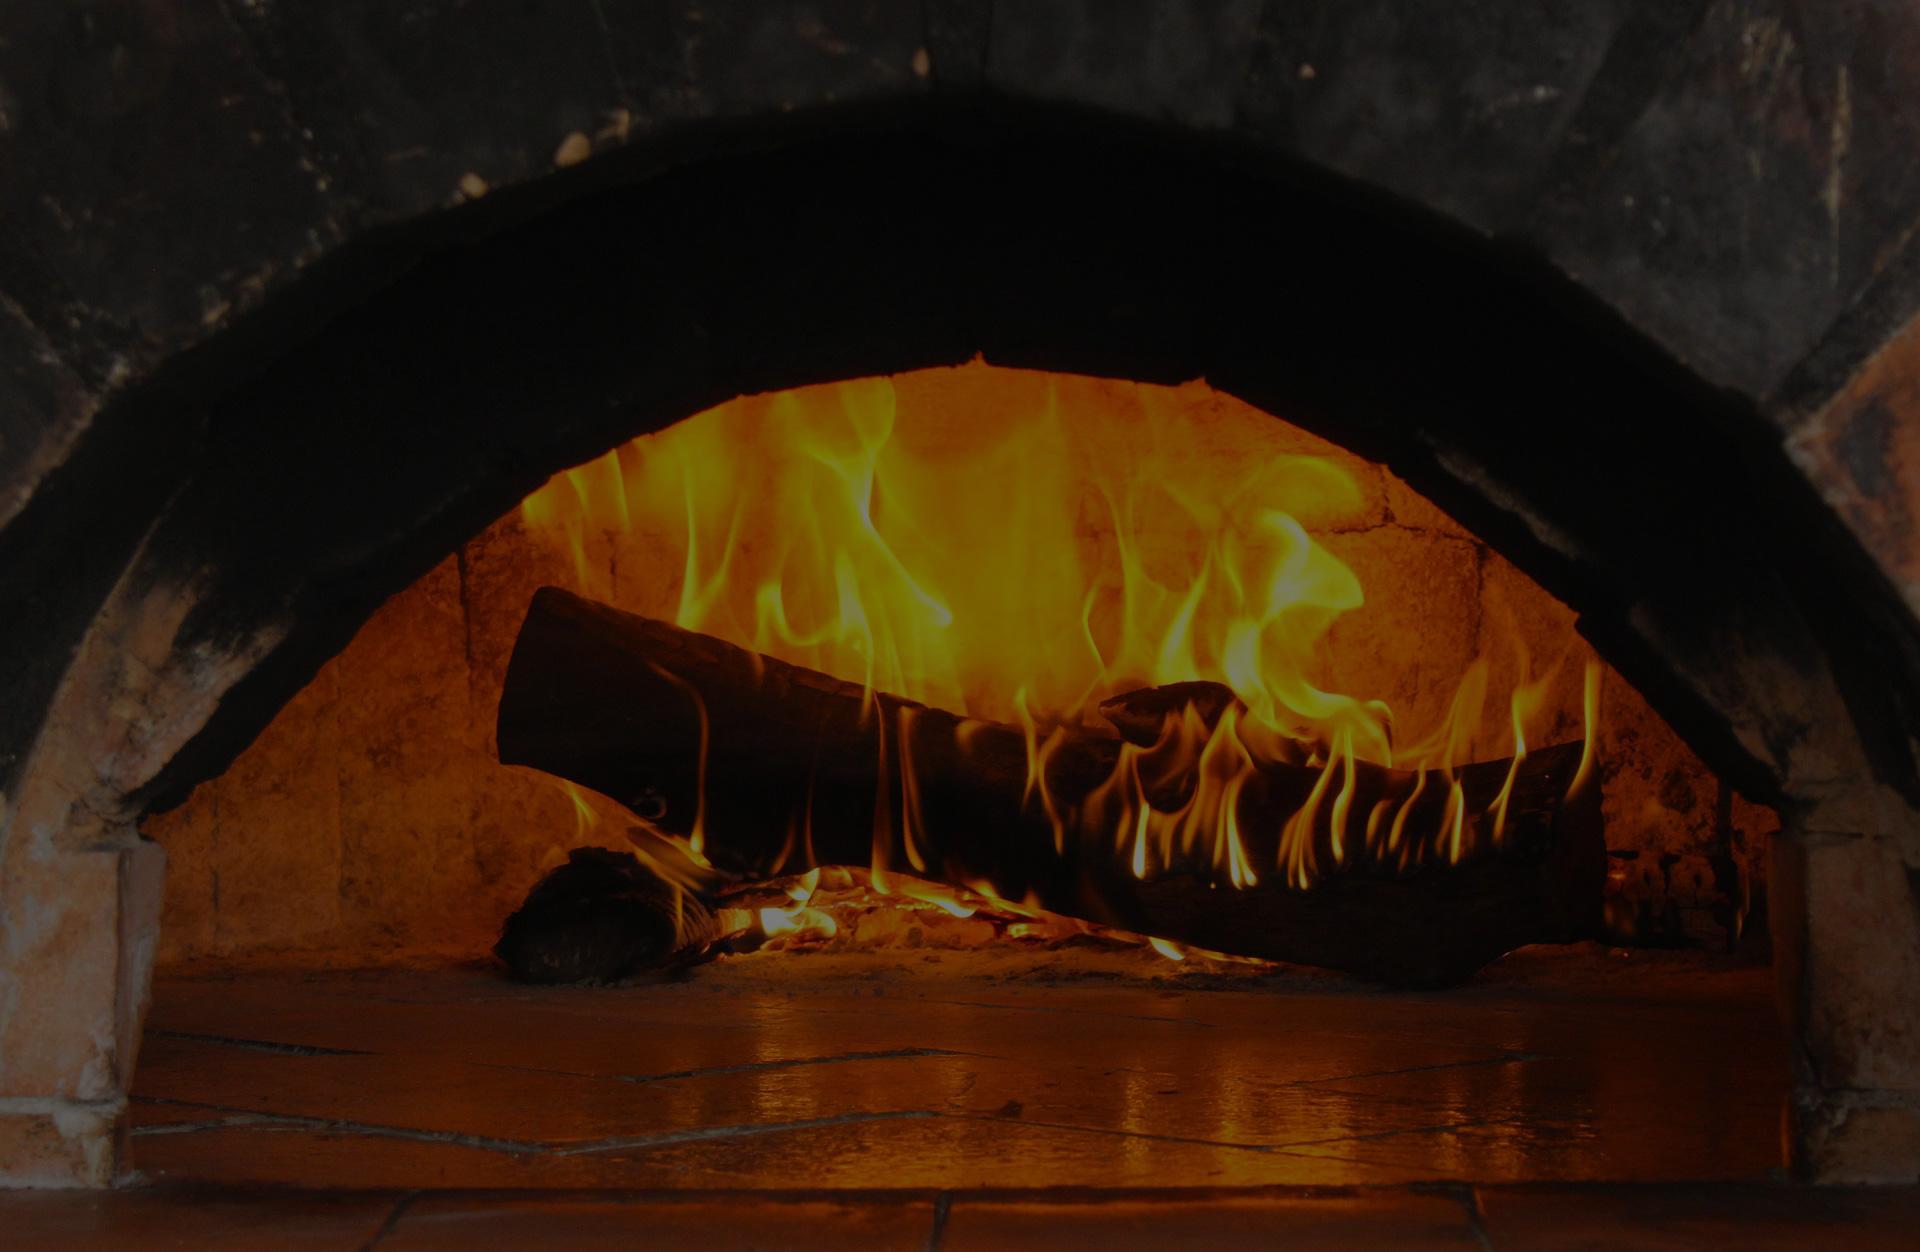 Hafnerbetrieb Ofenbau Weiss Oberndorf